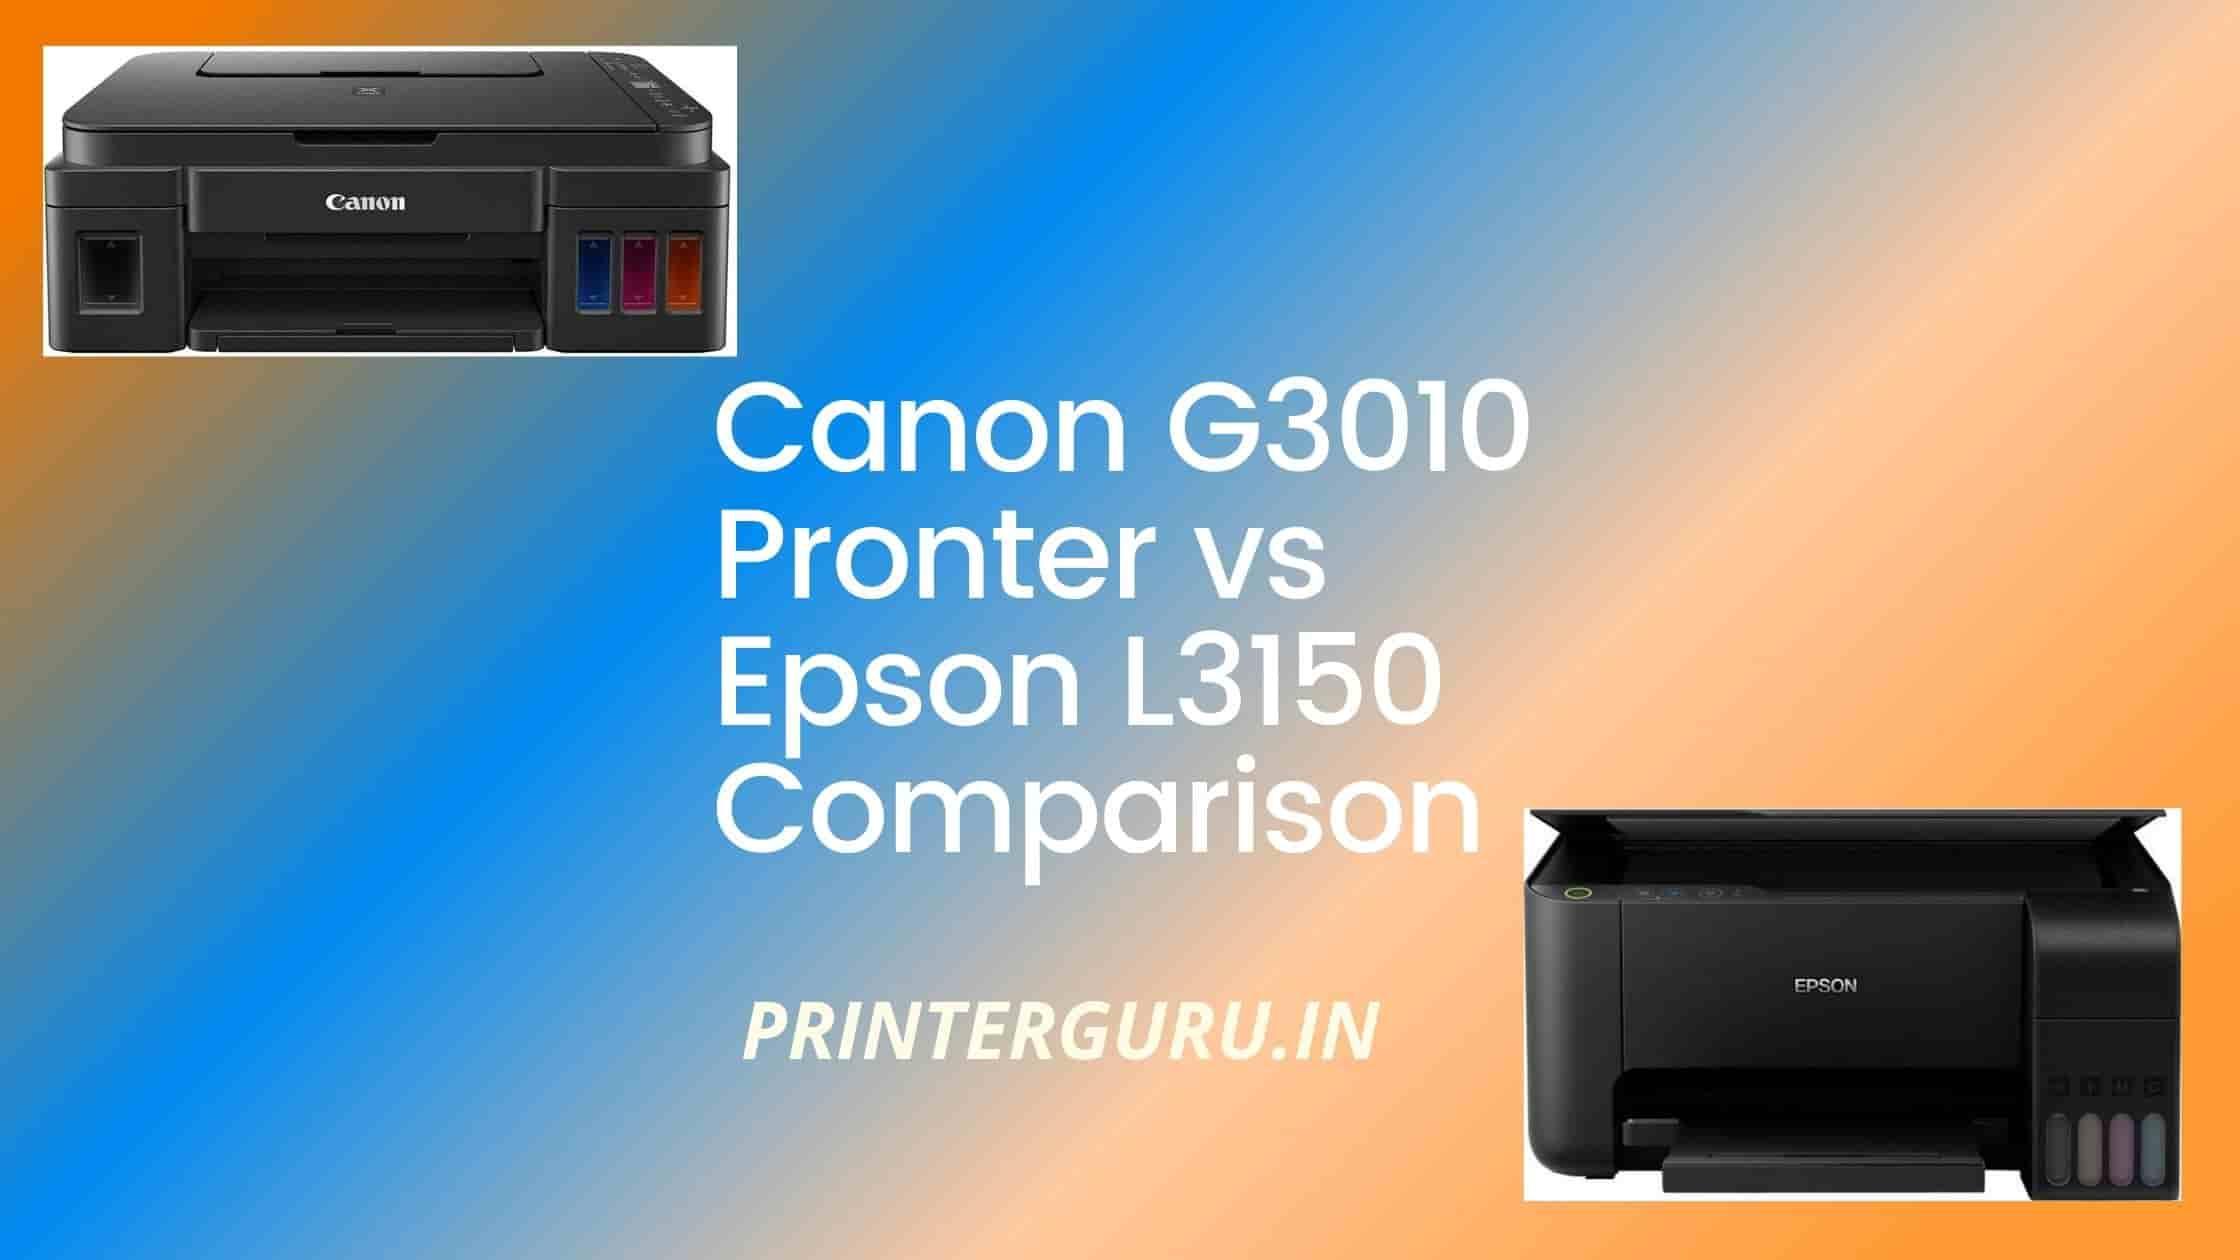 Canon G3010 vs Epson L3150